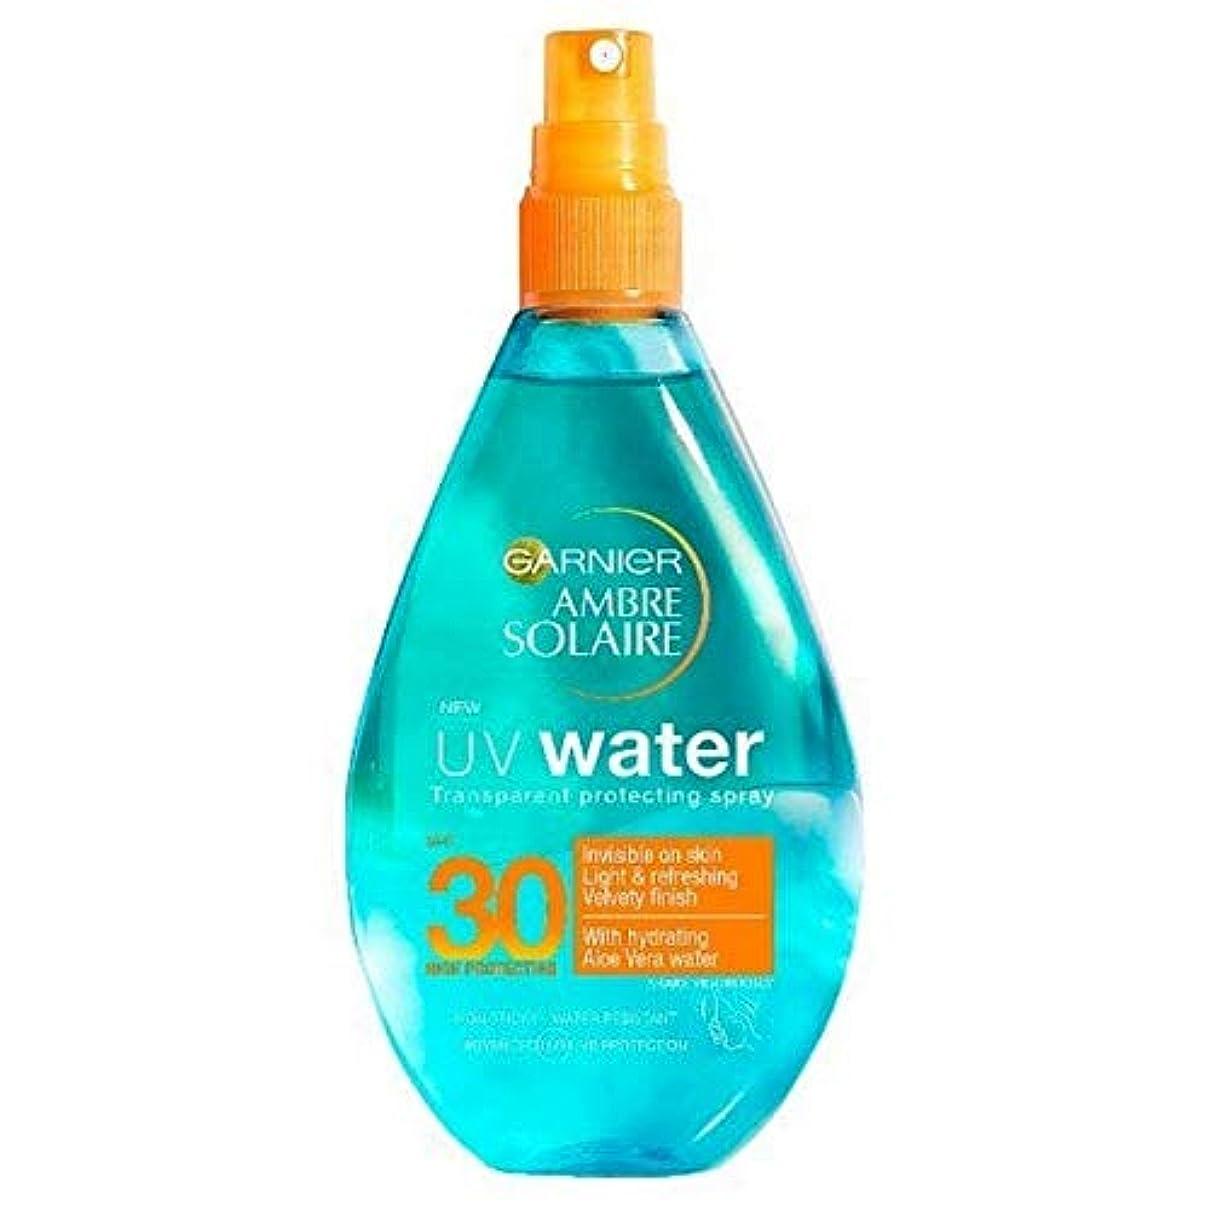 ラオス人事故一月[Garnier ] アンブレSolaire紫外線水明確な日クリームスプレーSpf30 150ミリリットル - Ambre Solaire UV Water Clear Sun Cream Spray SPF30 150ml...